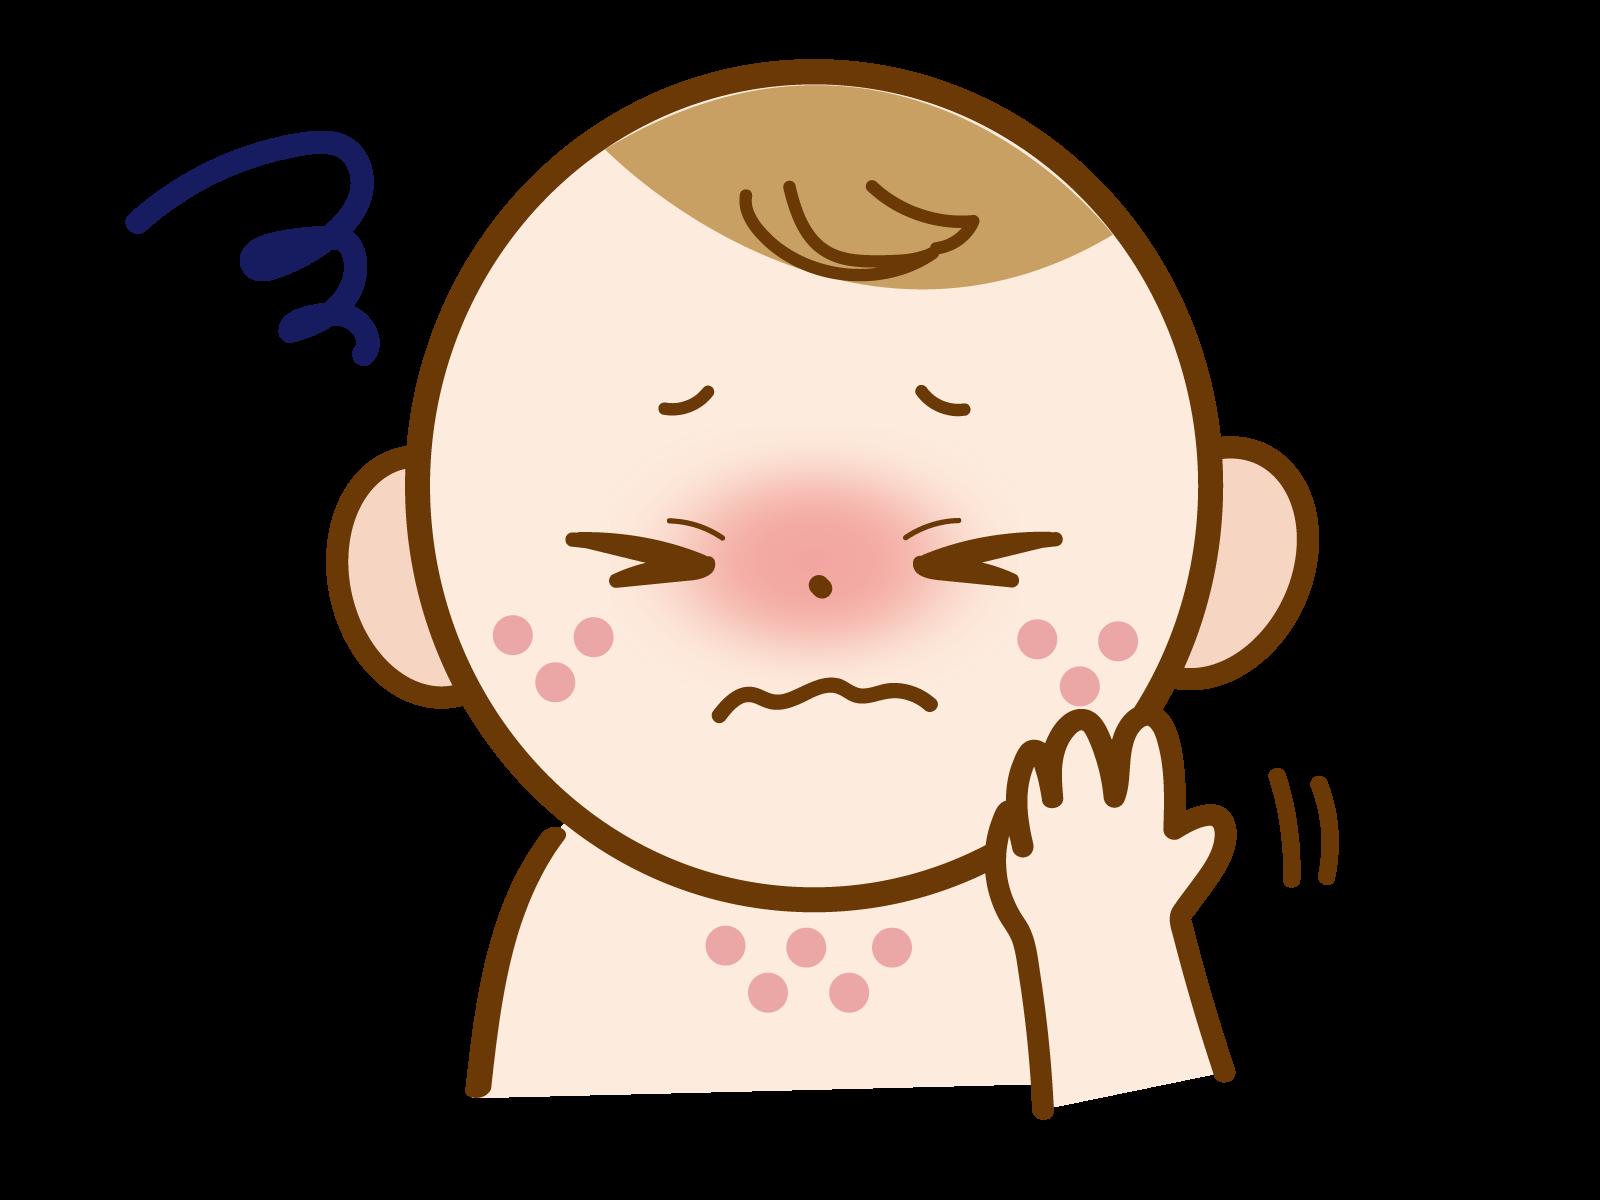 デルゴシチニブ軟膏(コレクチム軟膏)は、2歳以降のアトピー性皮膚炎にも有効で安全である